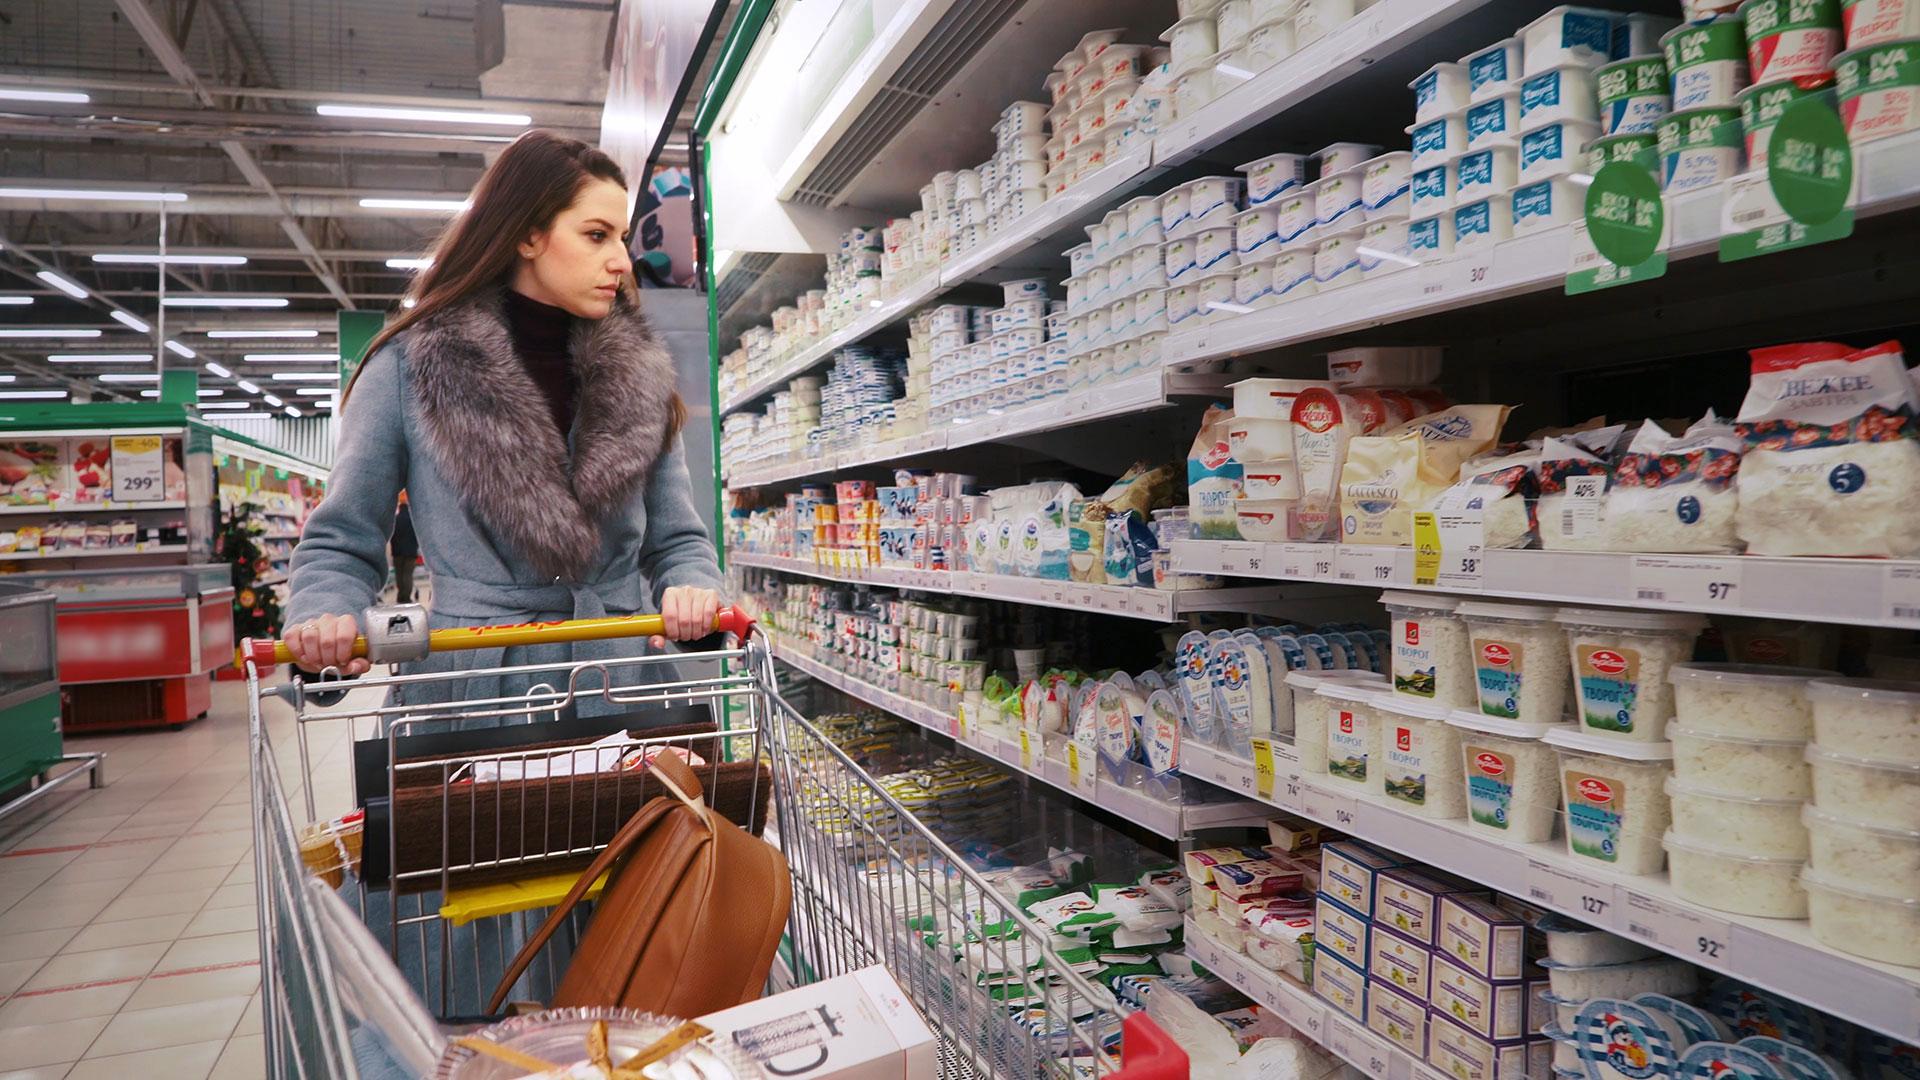 Оттепель в магазинах: выгодные акции на продукты в 'Пятёрочке', 'Дикси' и 'Магните'